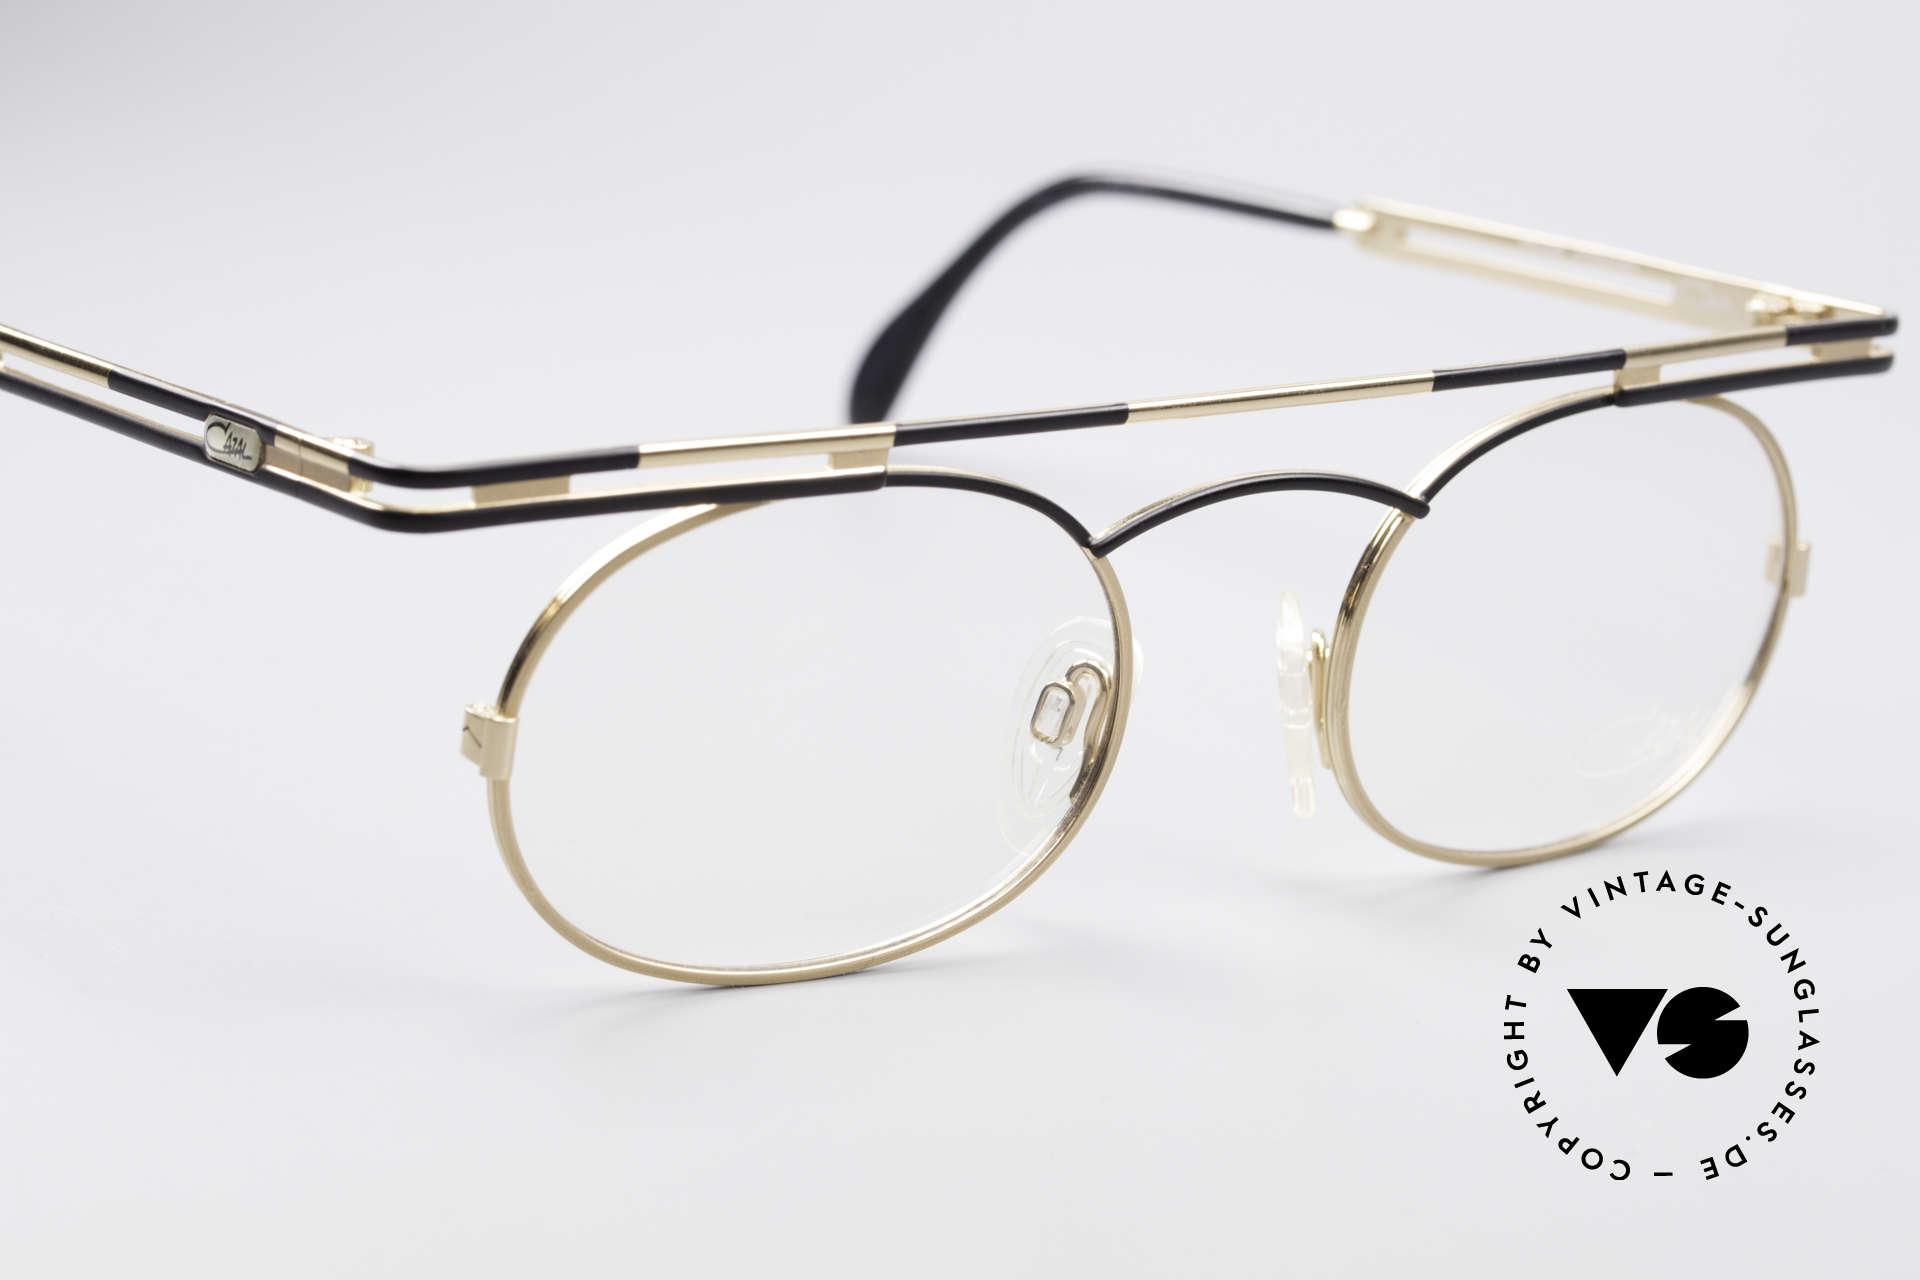 Cazal 761 Vintage Brille KEINE Retrobrille, KEINE RETRObrille; eine echte VINTAGE Brille, Passend für Herren und Damen